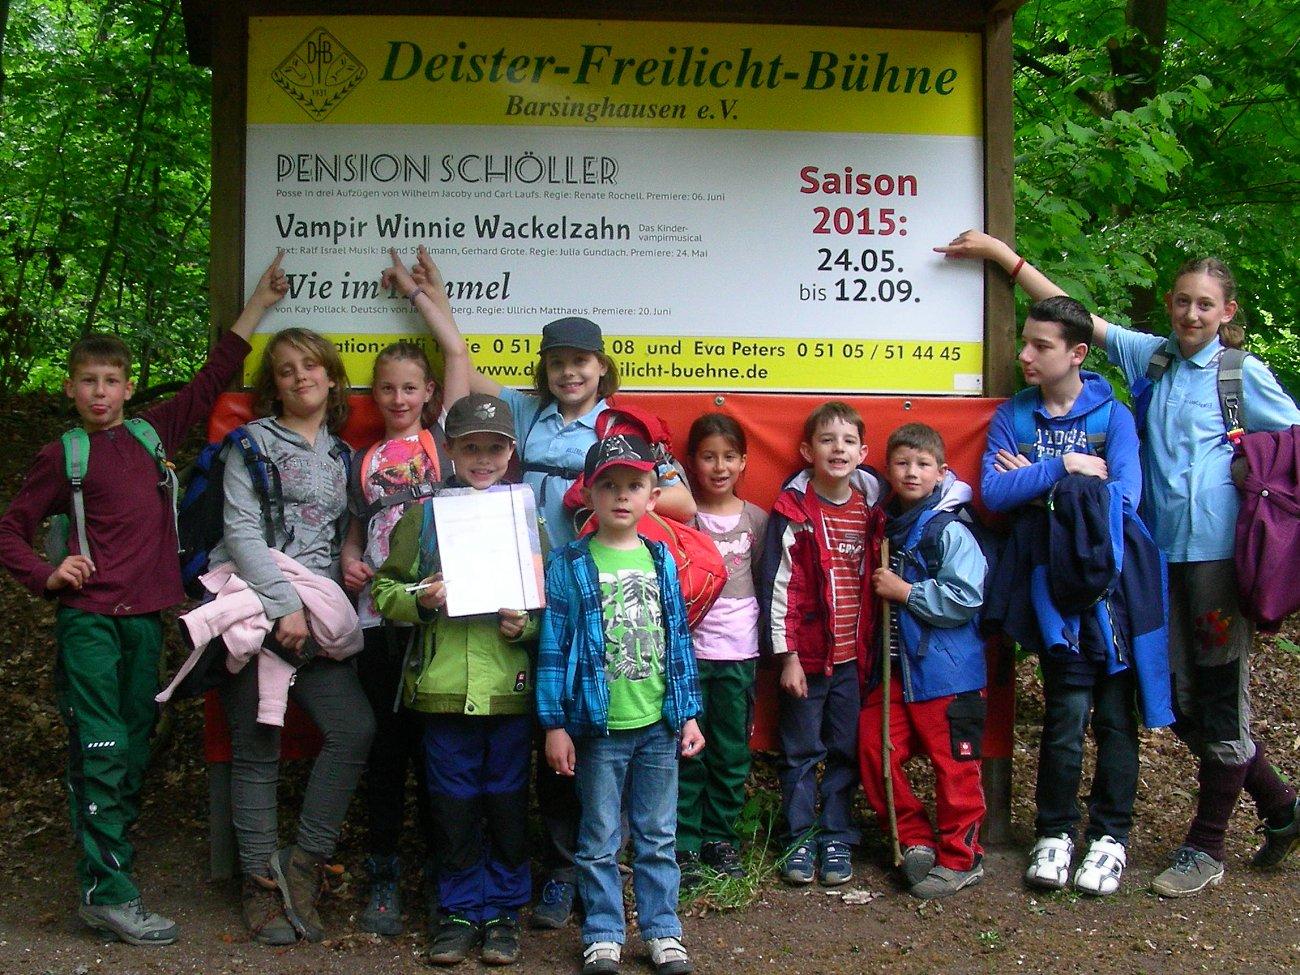 Besuch der Deister-Freilicht-Bühne